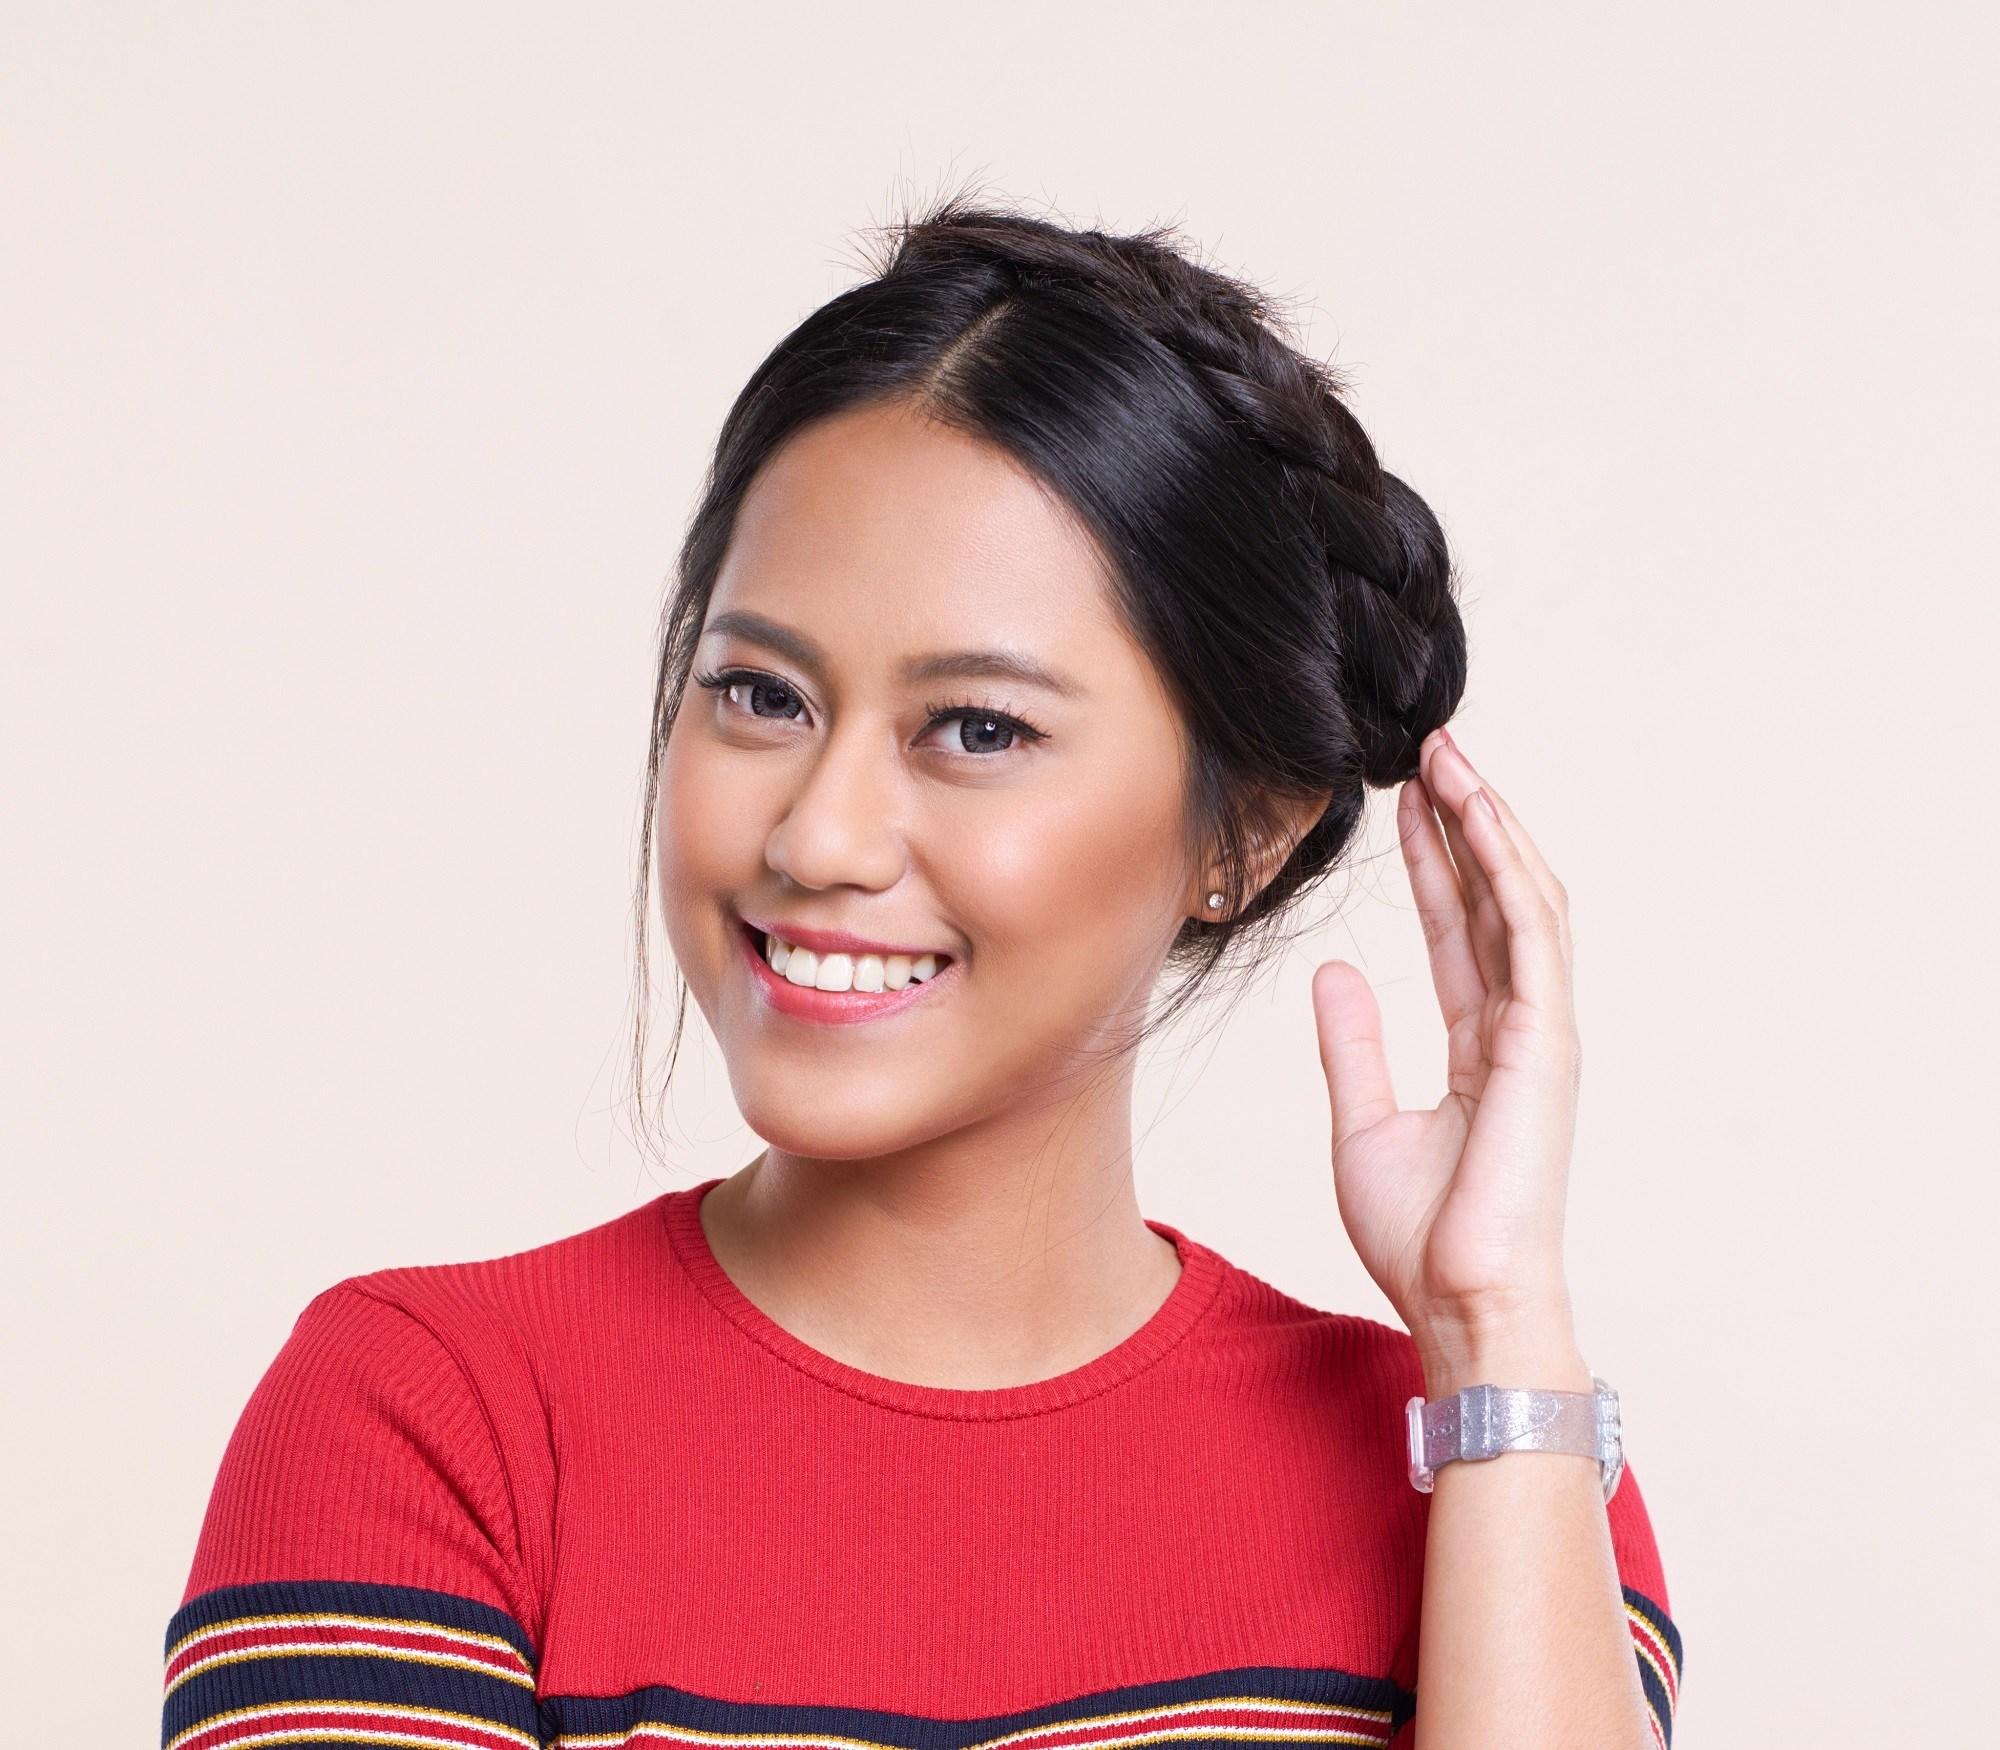 Closeup shot of an Asian woman with short black hair in crown braid